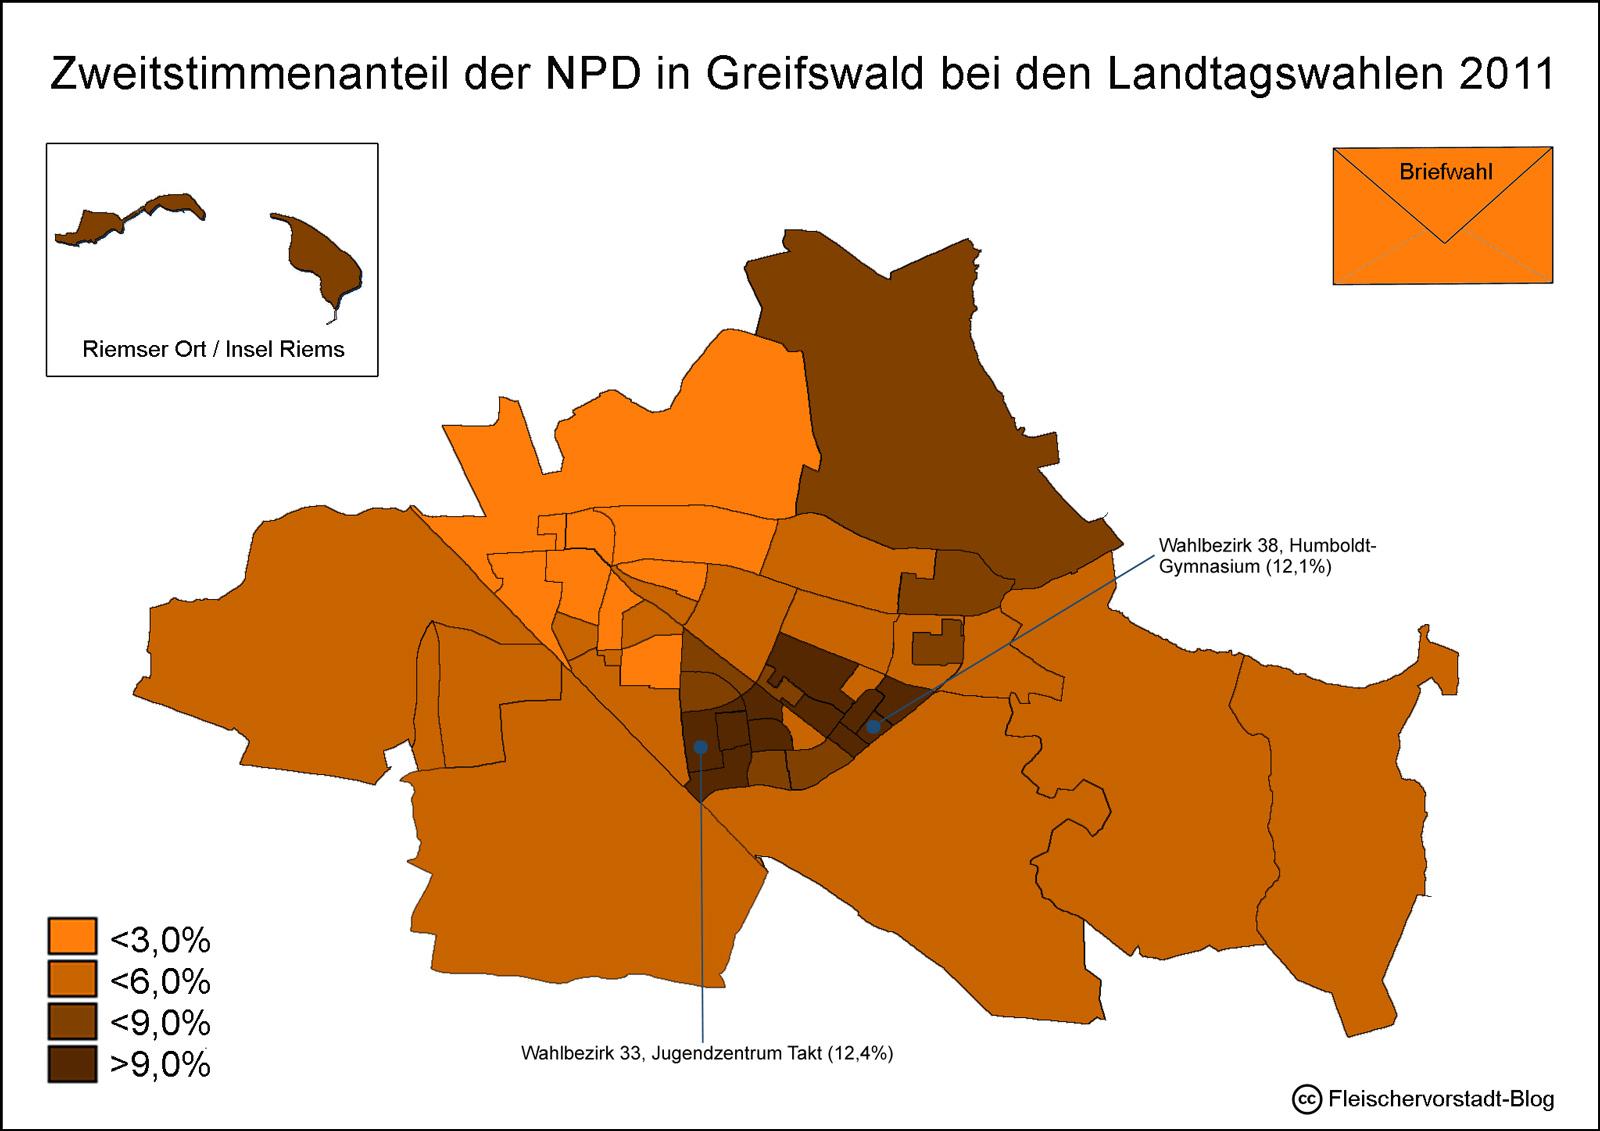 Wo wurde in Greifswald die NPD gewählt?